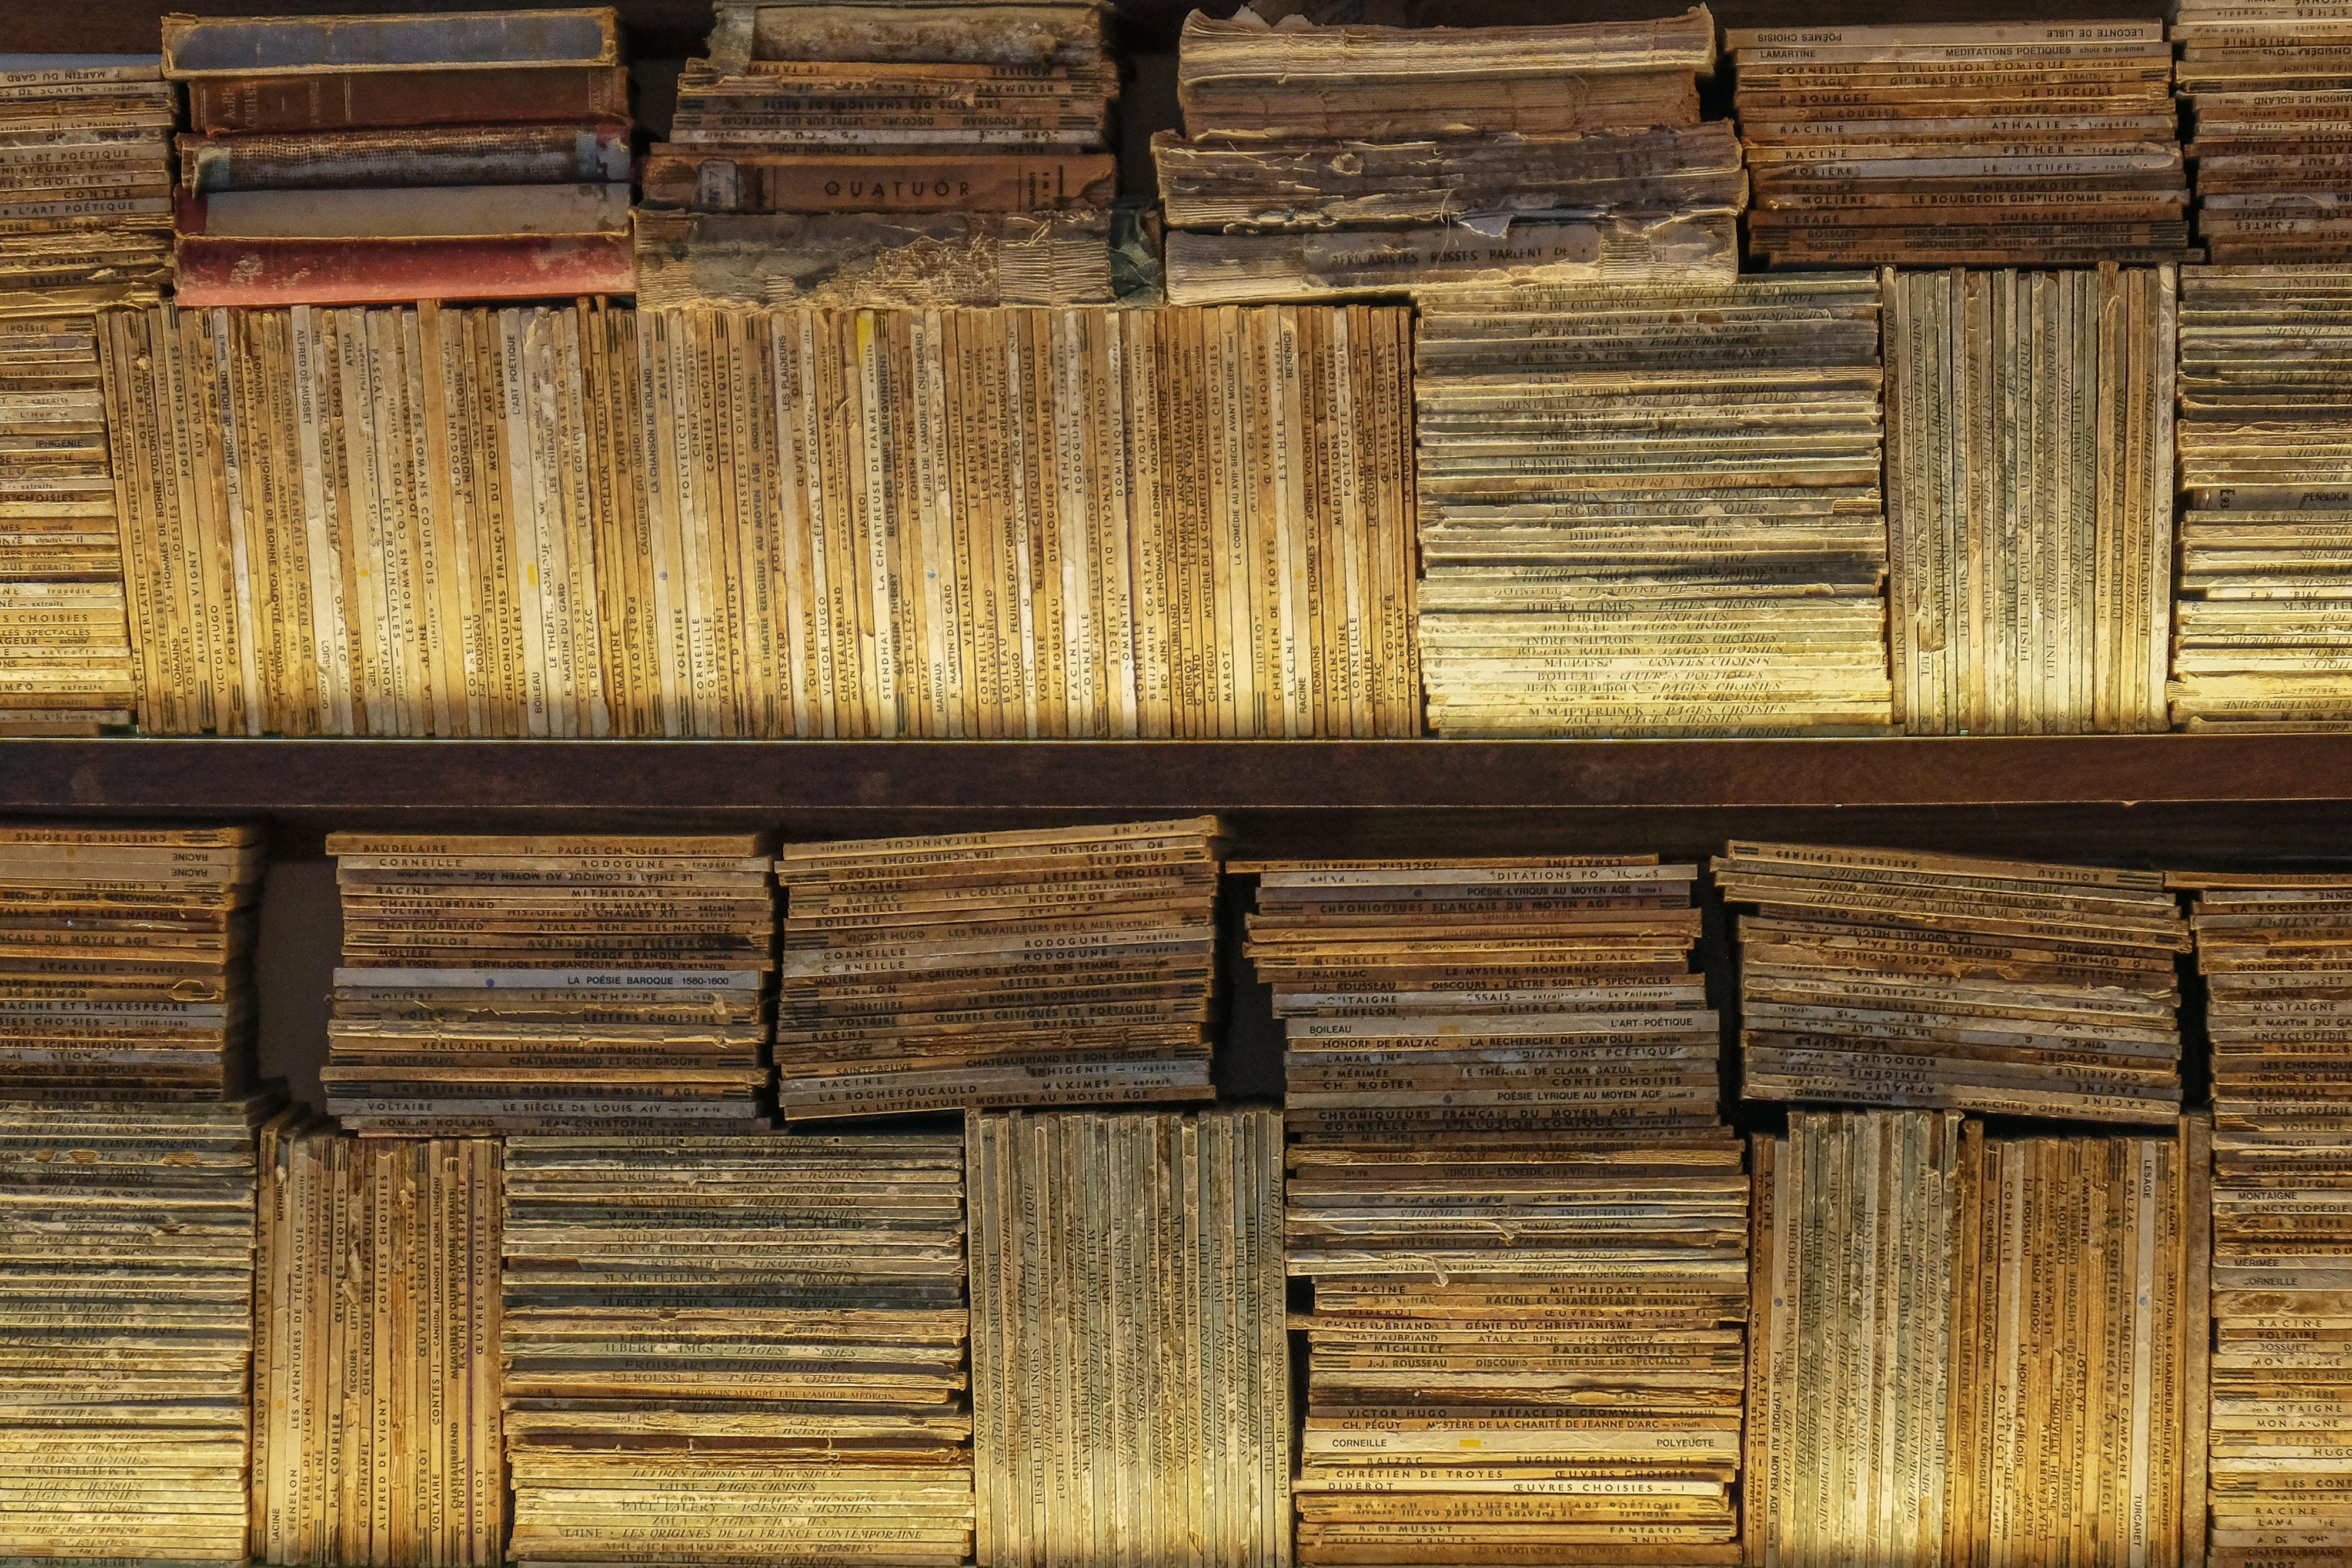 brown book lot